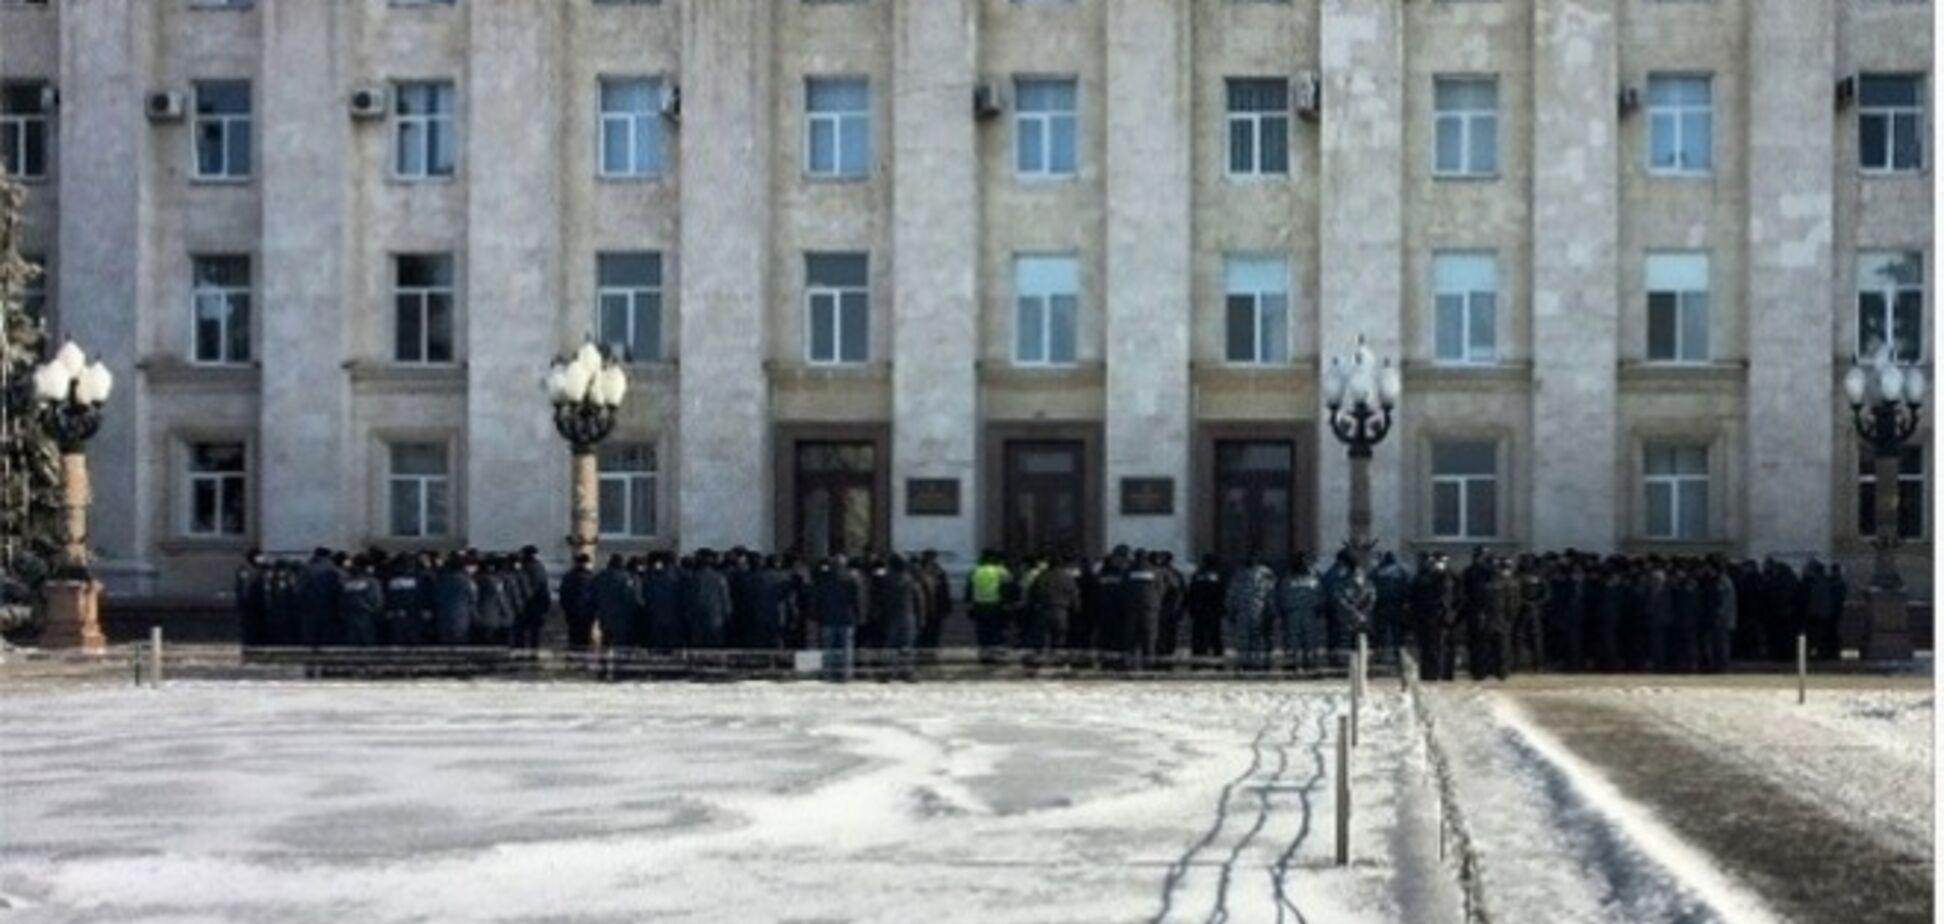 Харьков усиливает меры безопасности: под охрану взяли дороги, ж/д станции и мосты